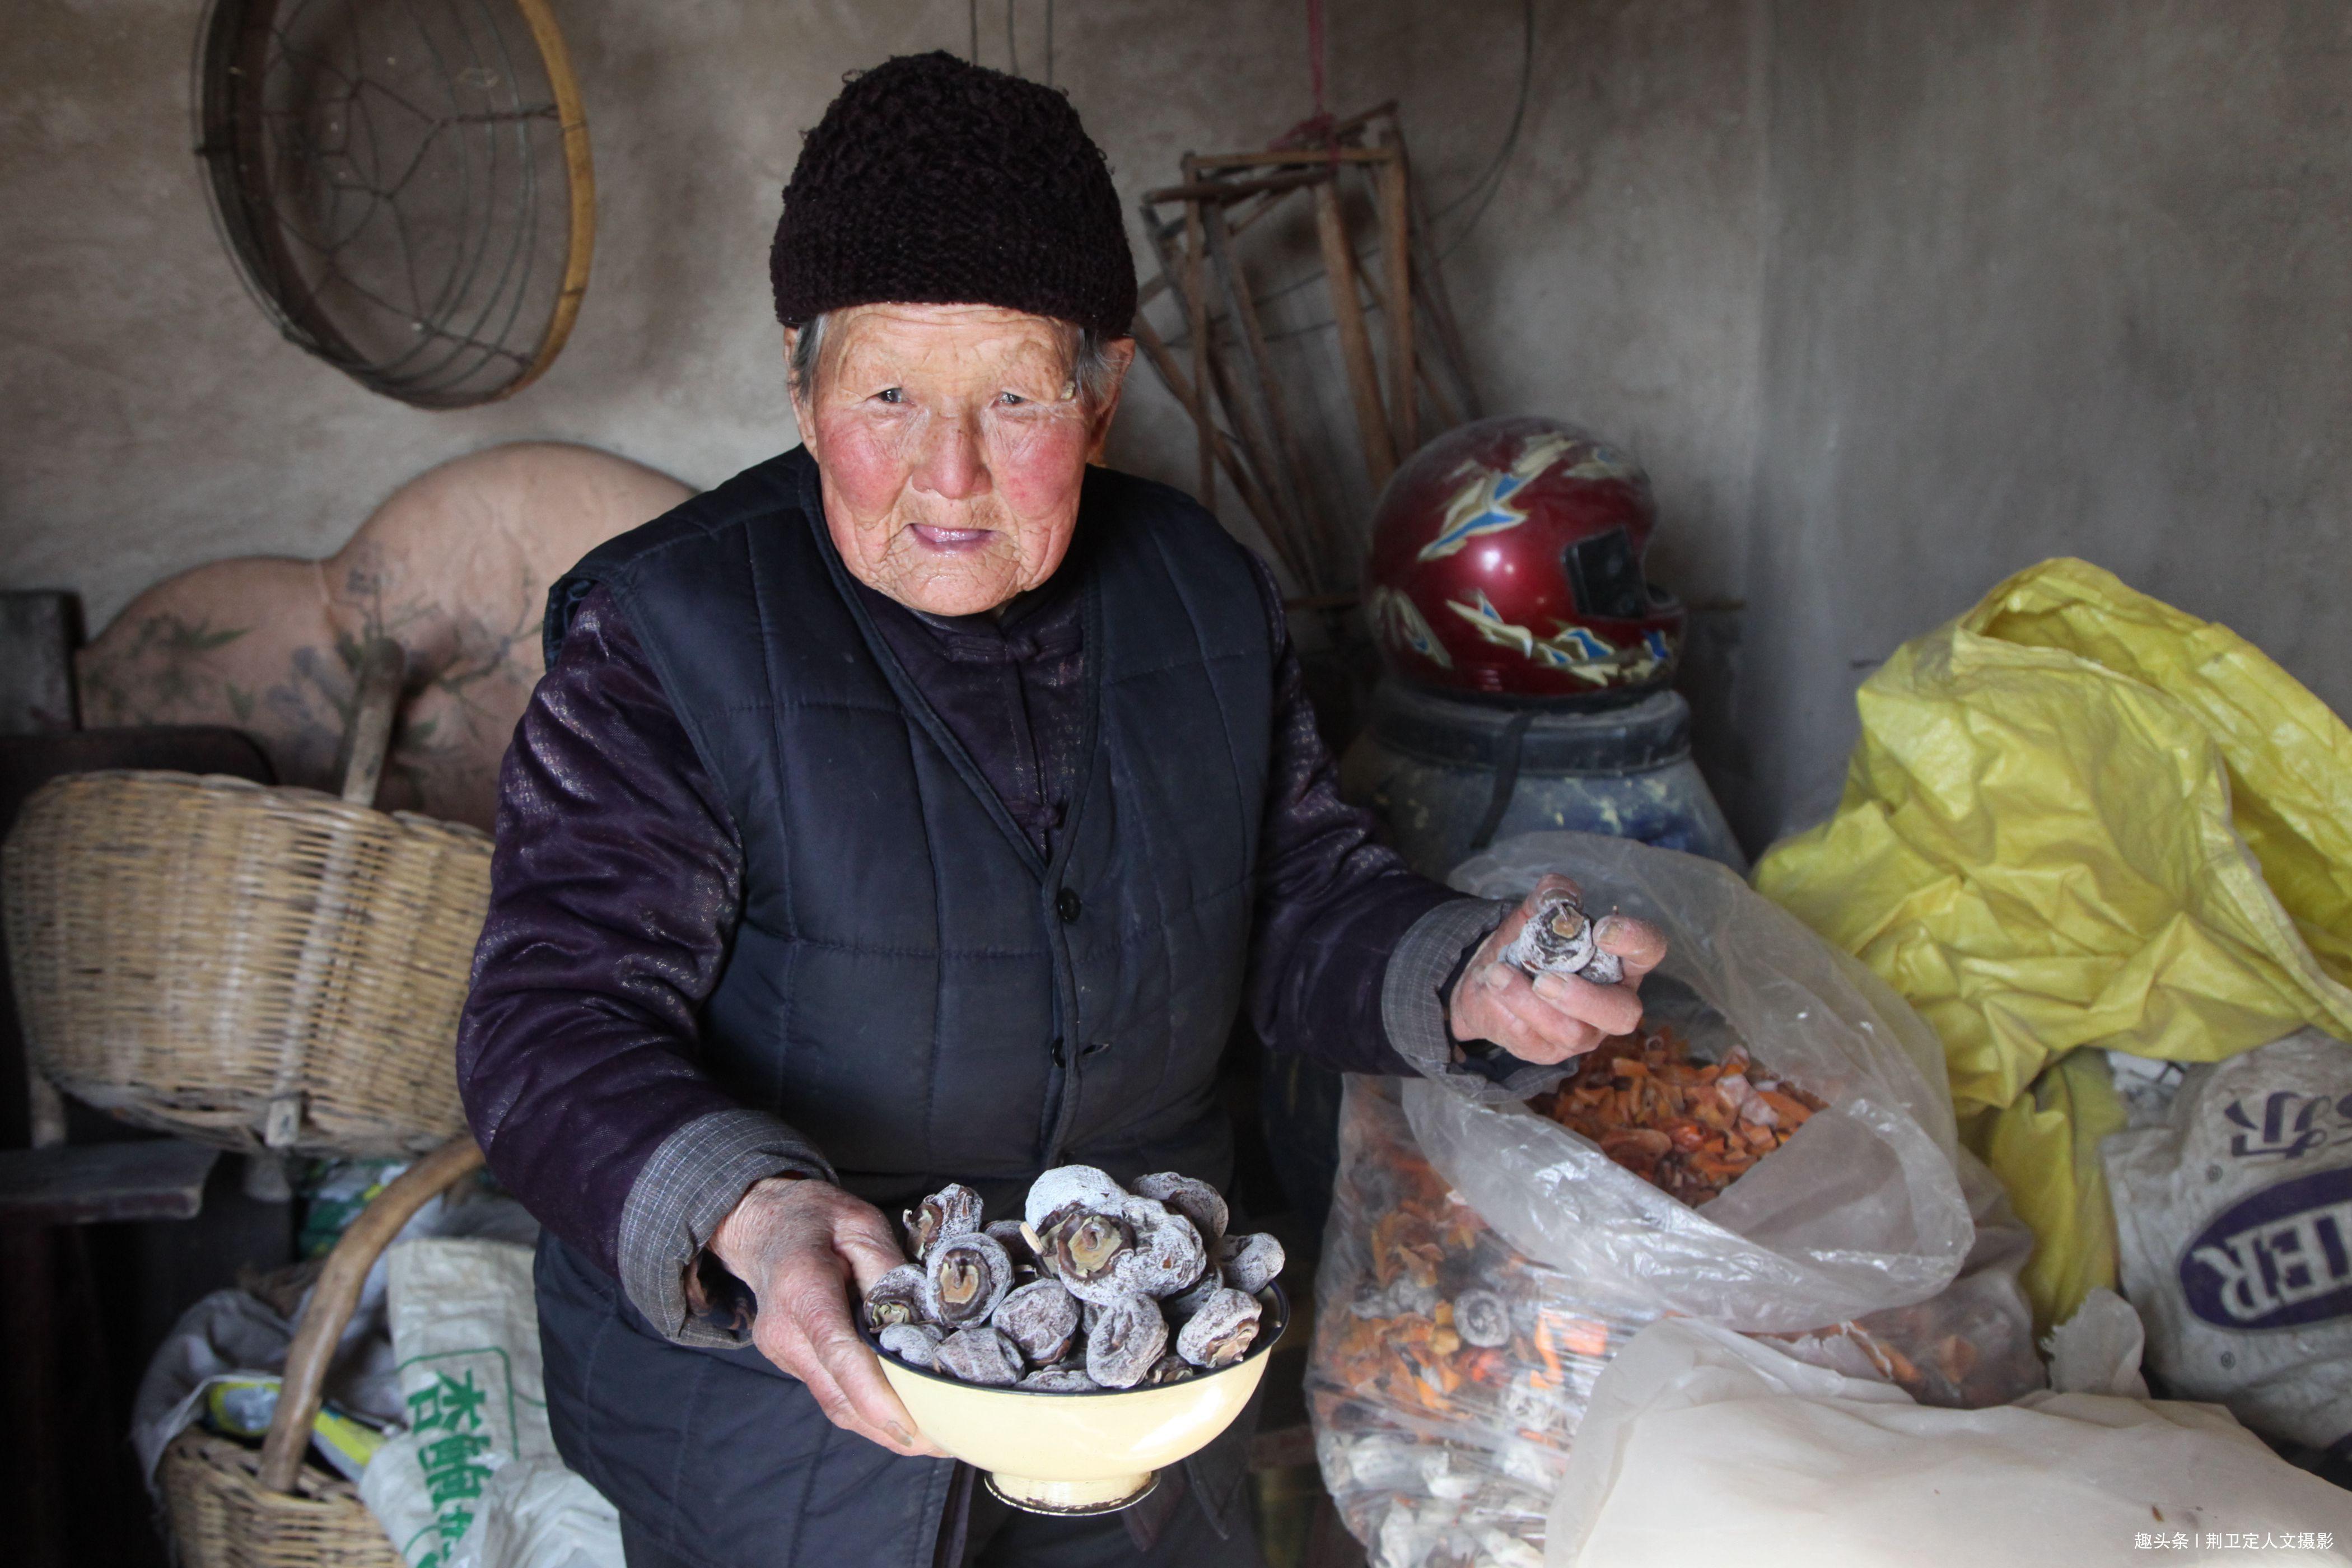 农村百岁老奶奶不慎摔倒,从大儿家送到三儿家,看儿媳怎样待她